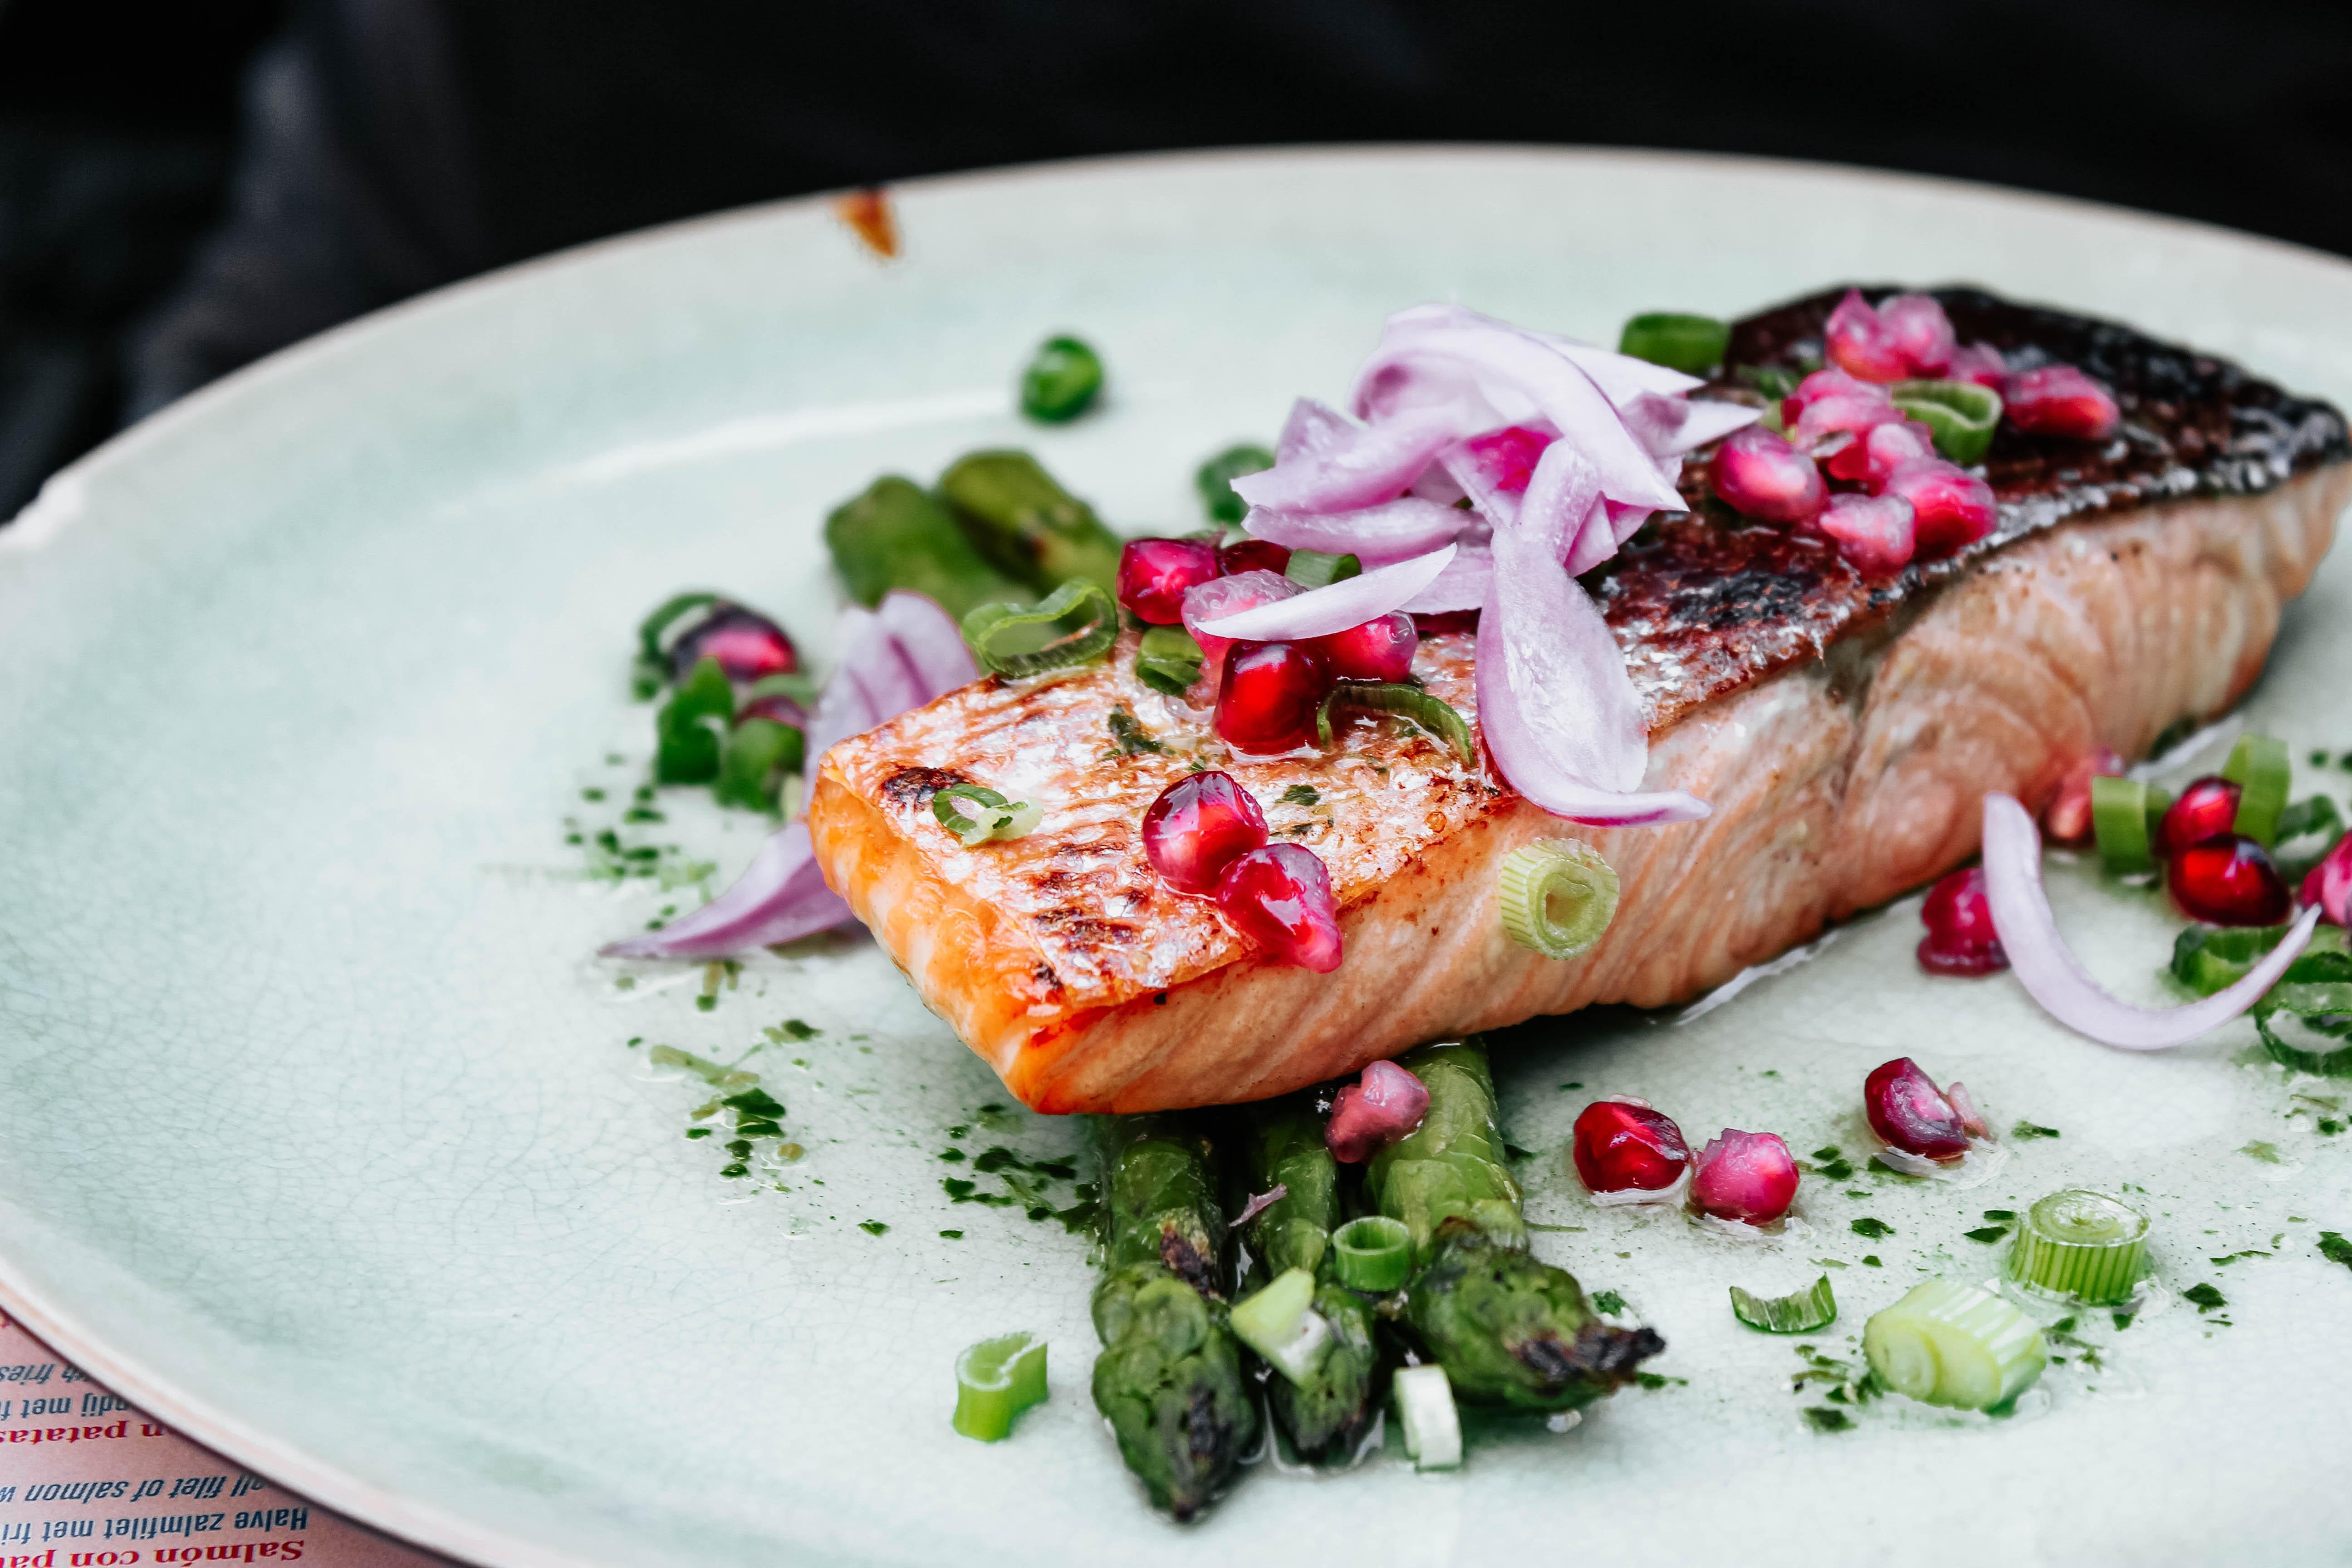 Dieta mediterránea: ¿Por qué es tan importante para nuestro corazón?